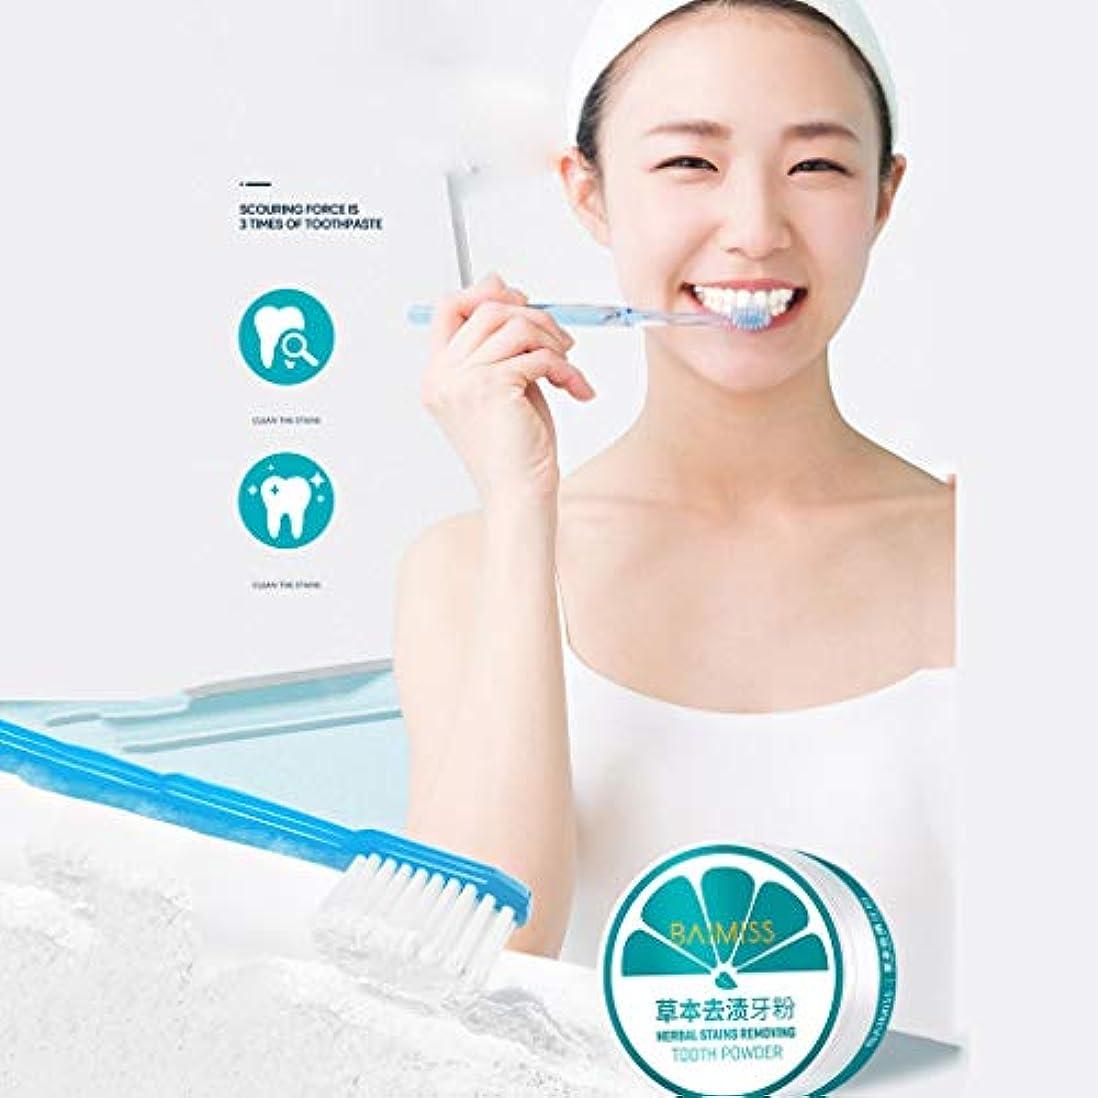 ネブ驚夜Dream ブラックニングパウダー 歯みがき 歯磨き粉 美白 むし歯予防 口臭防止 歯周病予防 天然ハーブエキス (ホワイト)